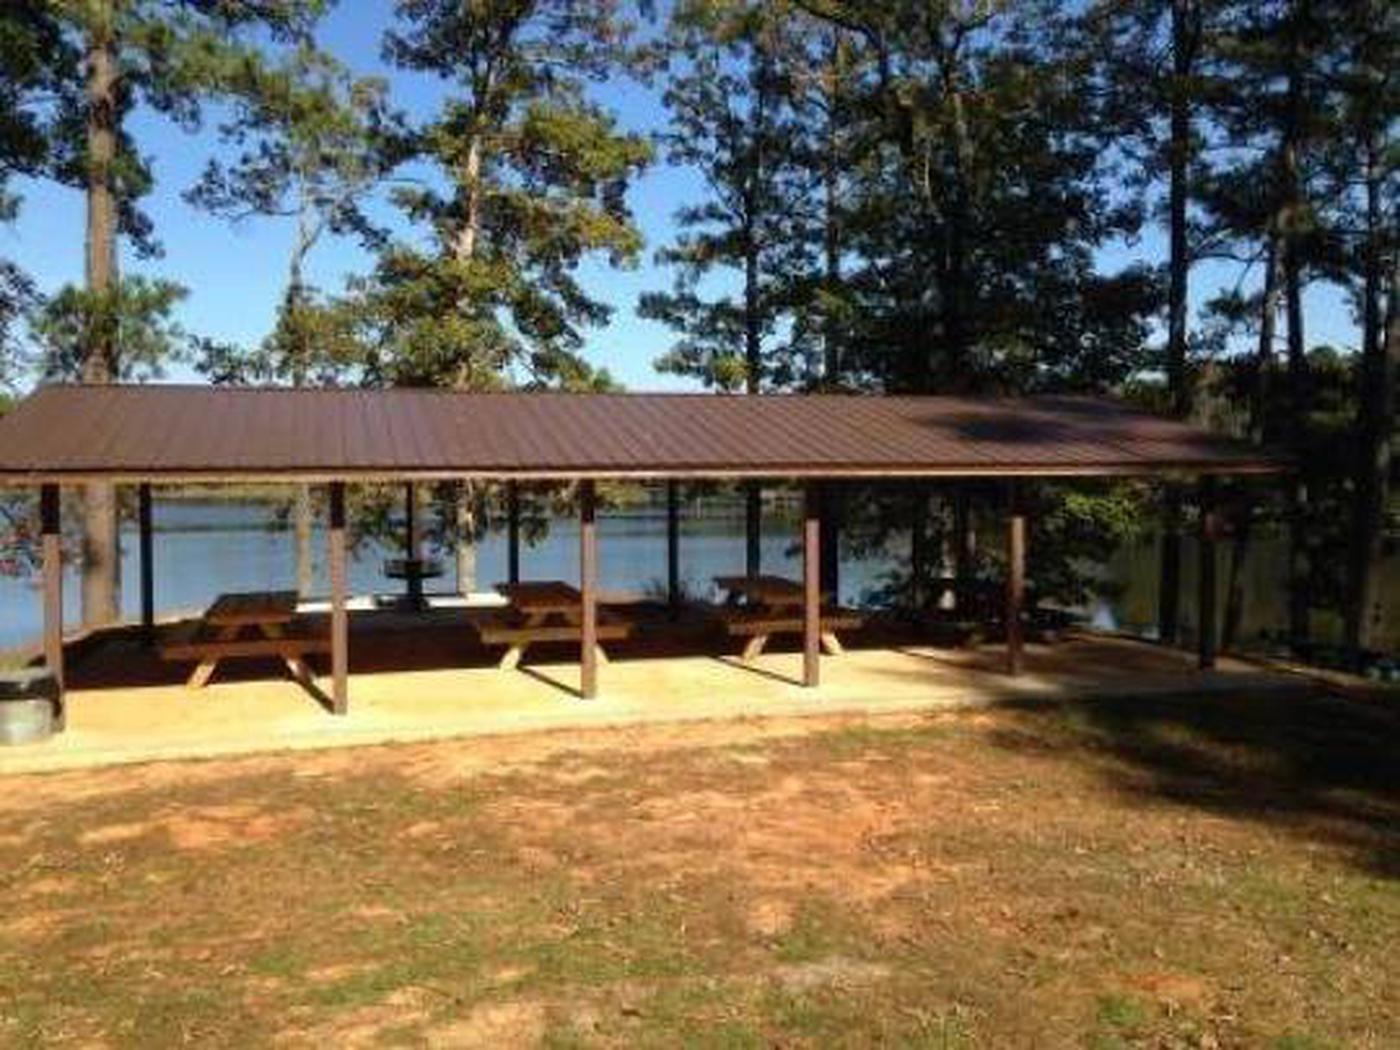 Choctaw Lake Recreation Area Shelter 2 Choctaw Lake Recreation Area Shelter 2